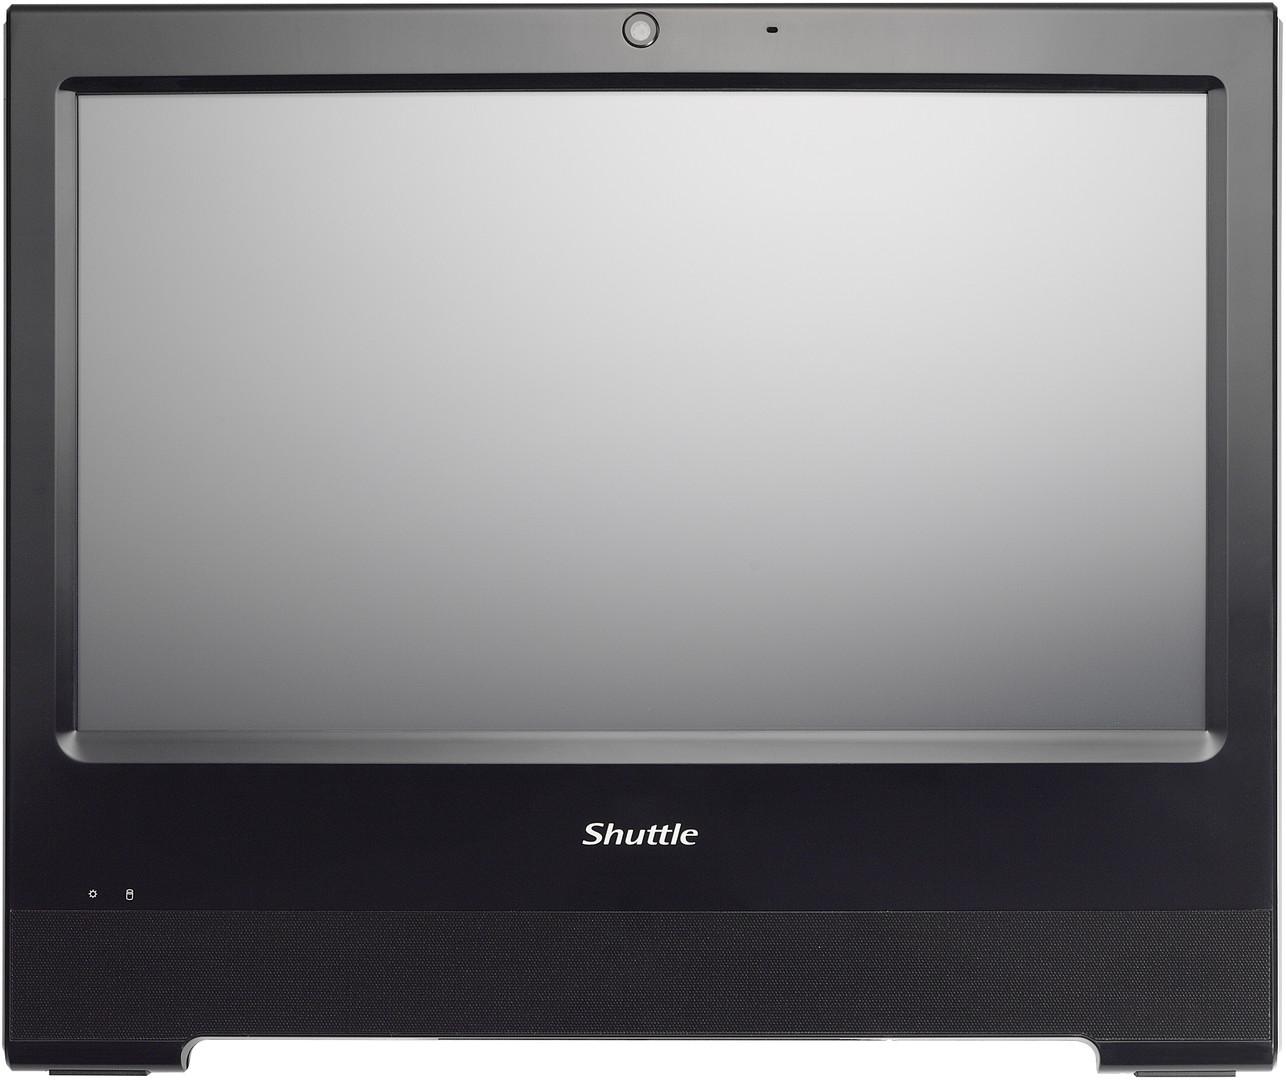 shuttle-x50v4-black